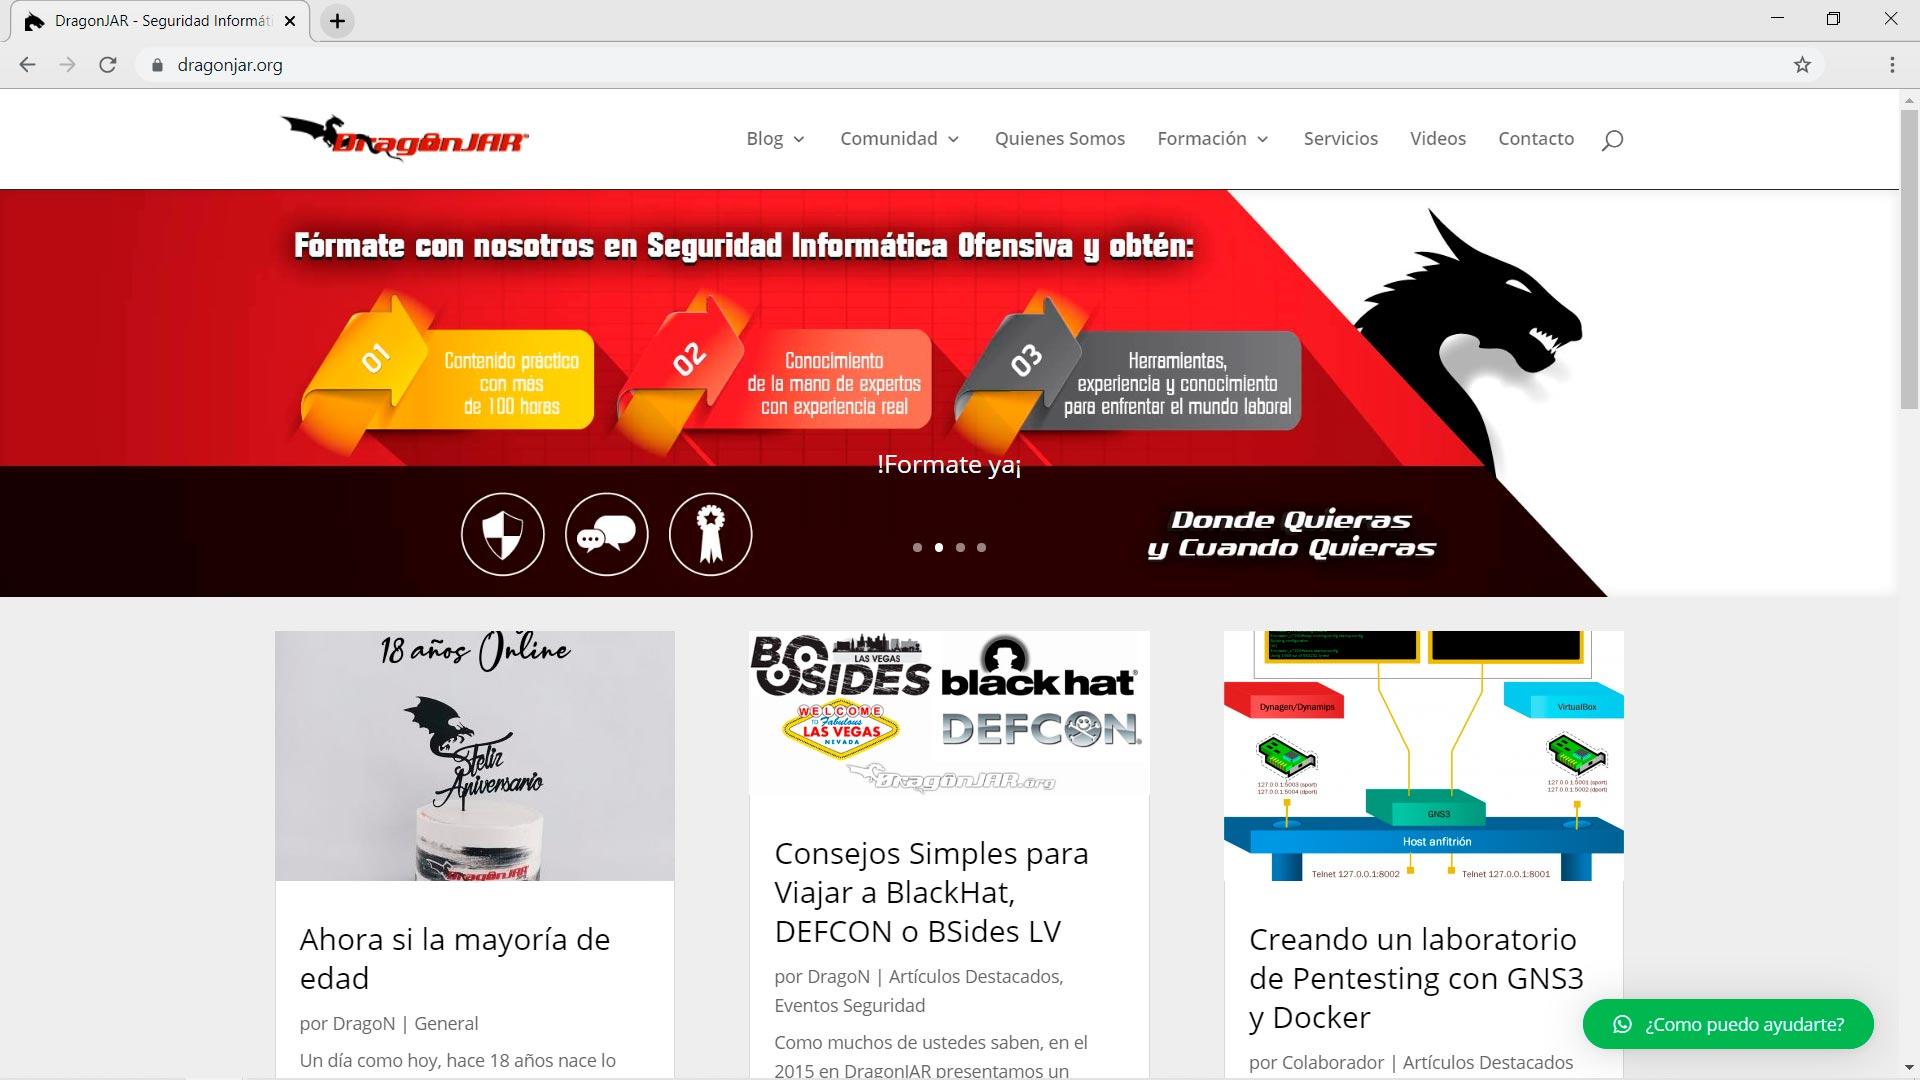 www.dragonjar.org